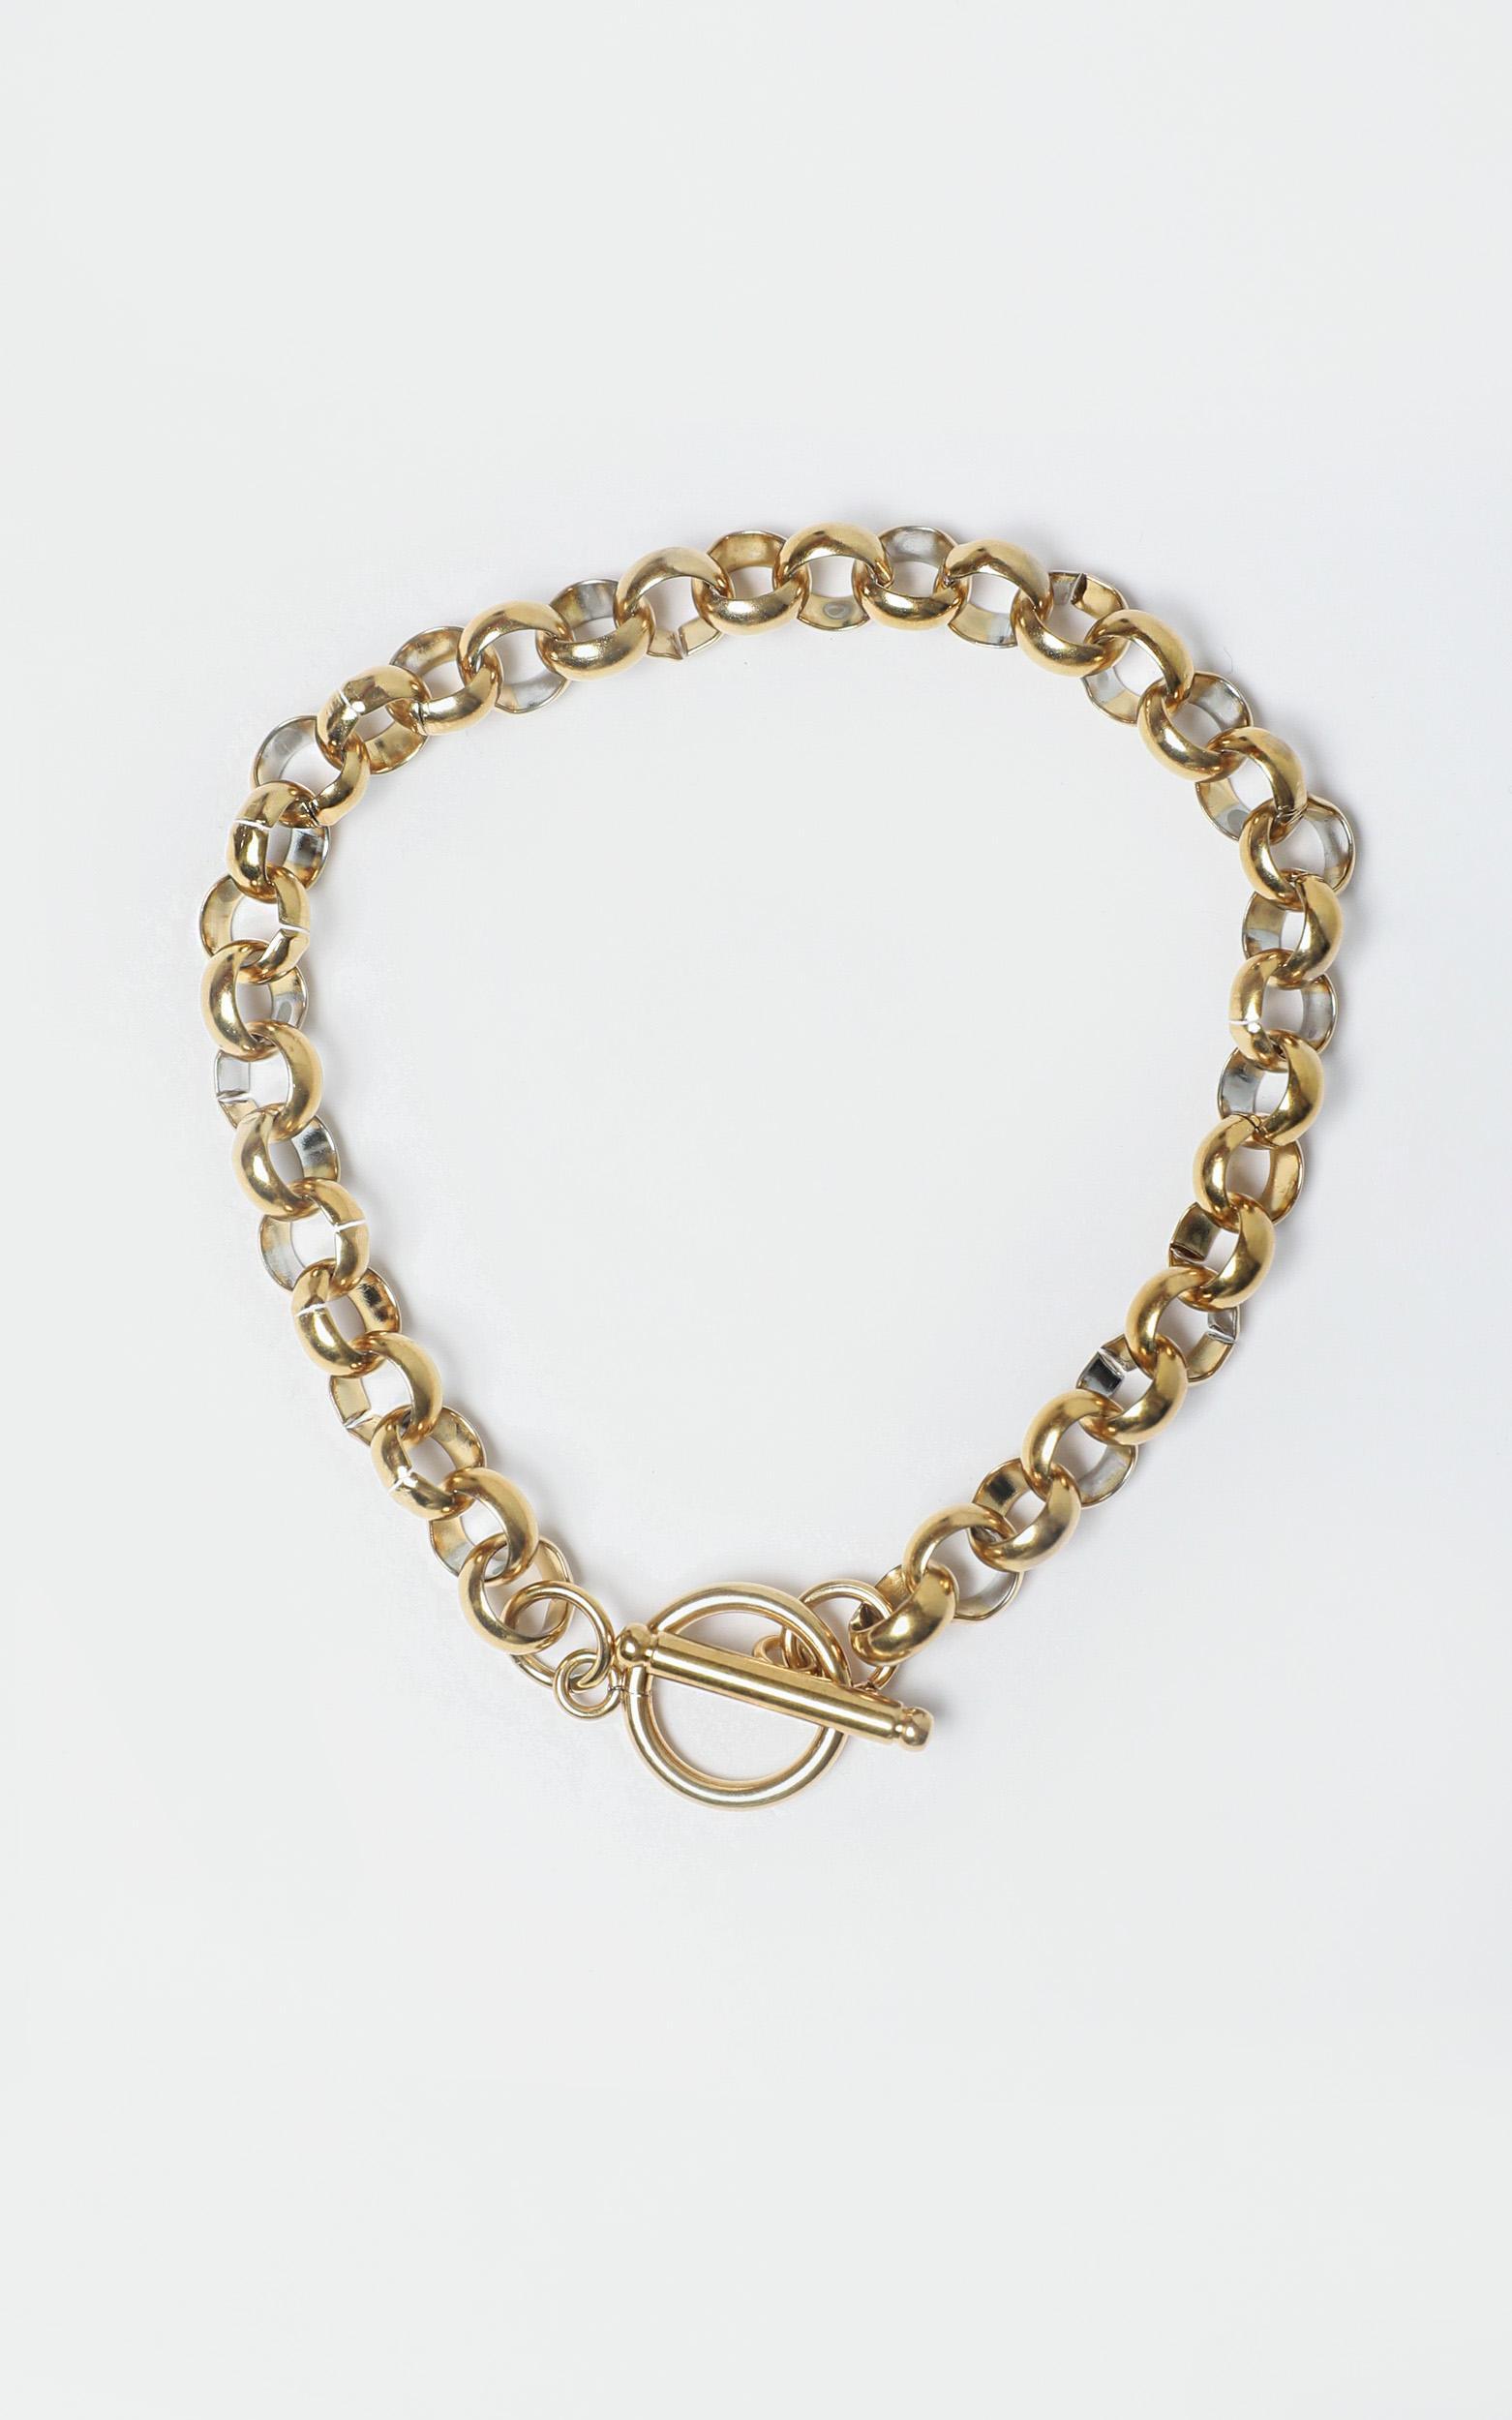 Aileene Bracelet in Gold, , hi-res image number null